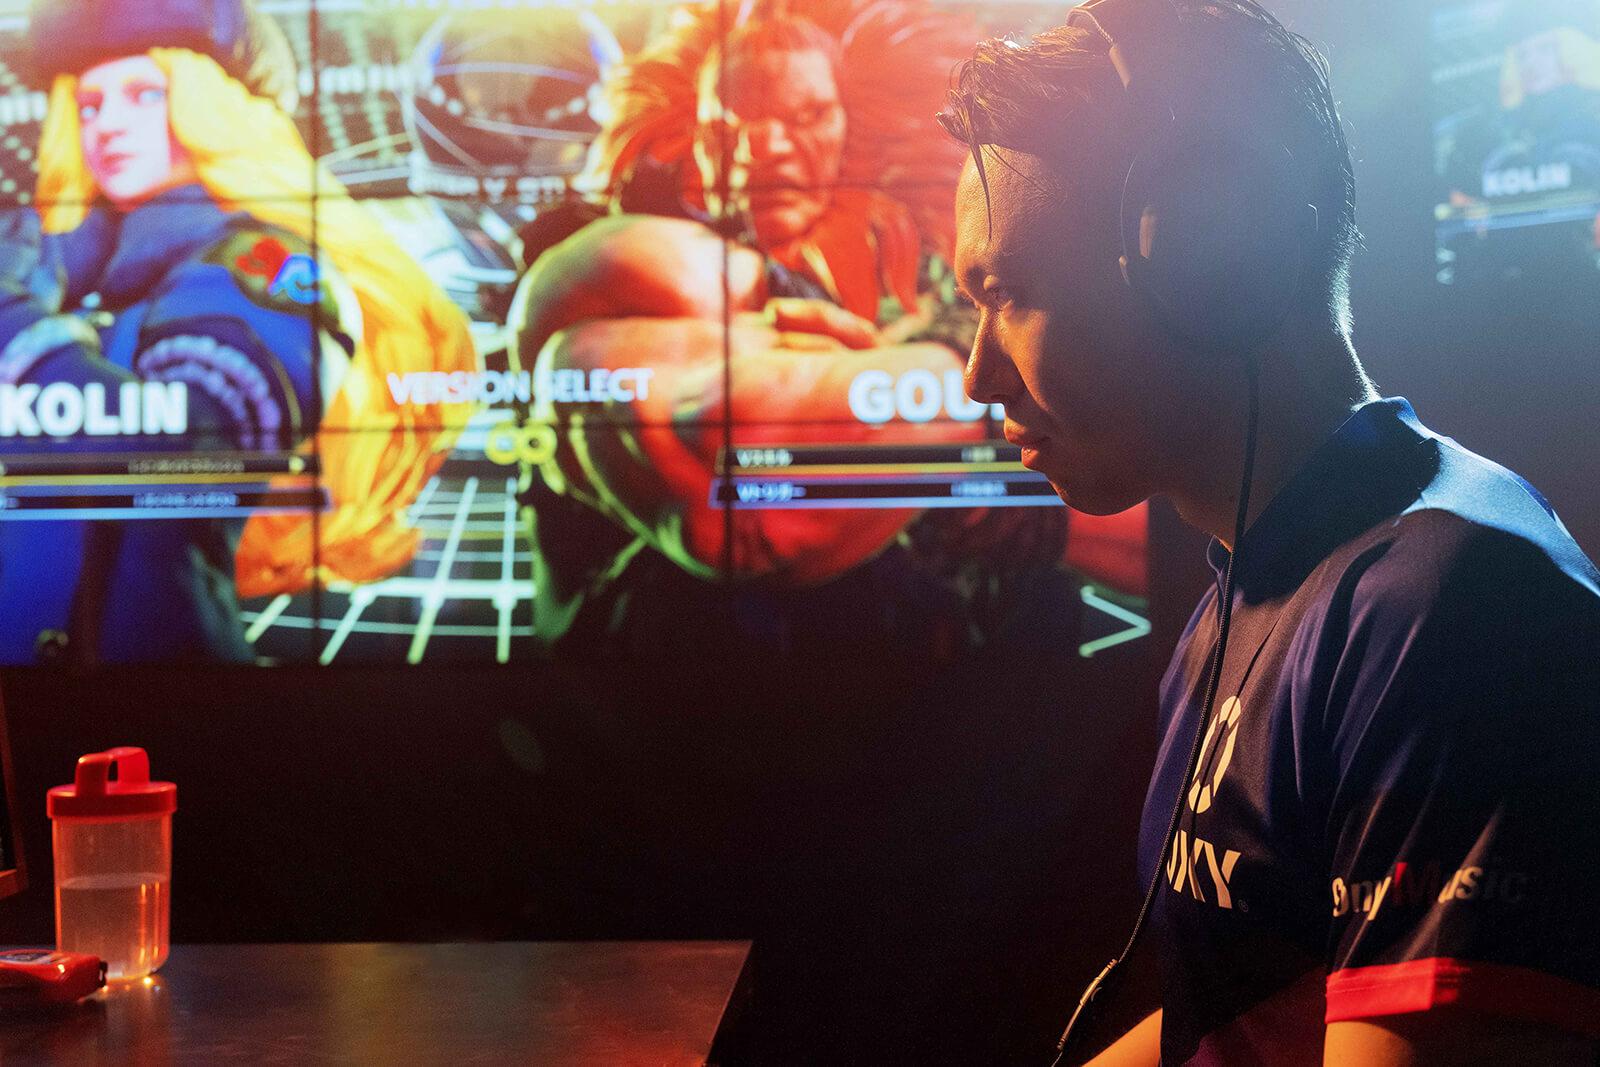 ゲームには、真剣に取り組む価値がある。 eスポーツ界を牽引するプロゲーマー・ときど氏インタビュー